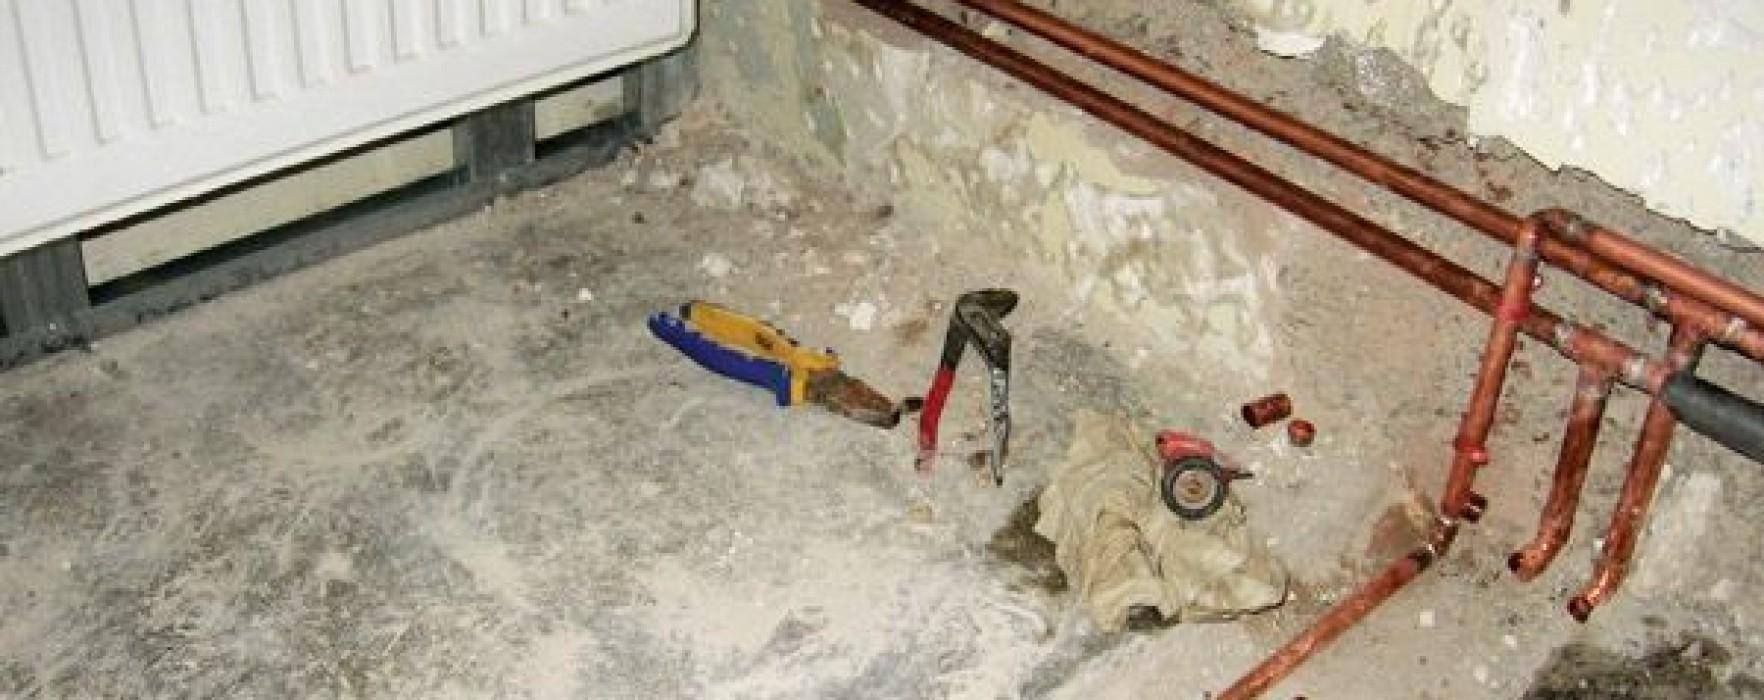 O parte din instalaţia de încălzire ce urma să fie montată la o şcoală din Târgovişte a fost furată